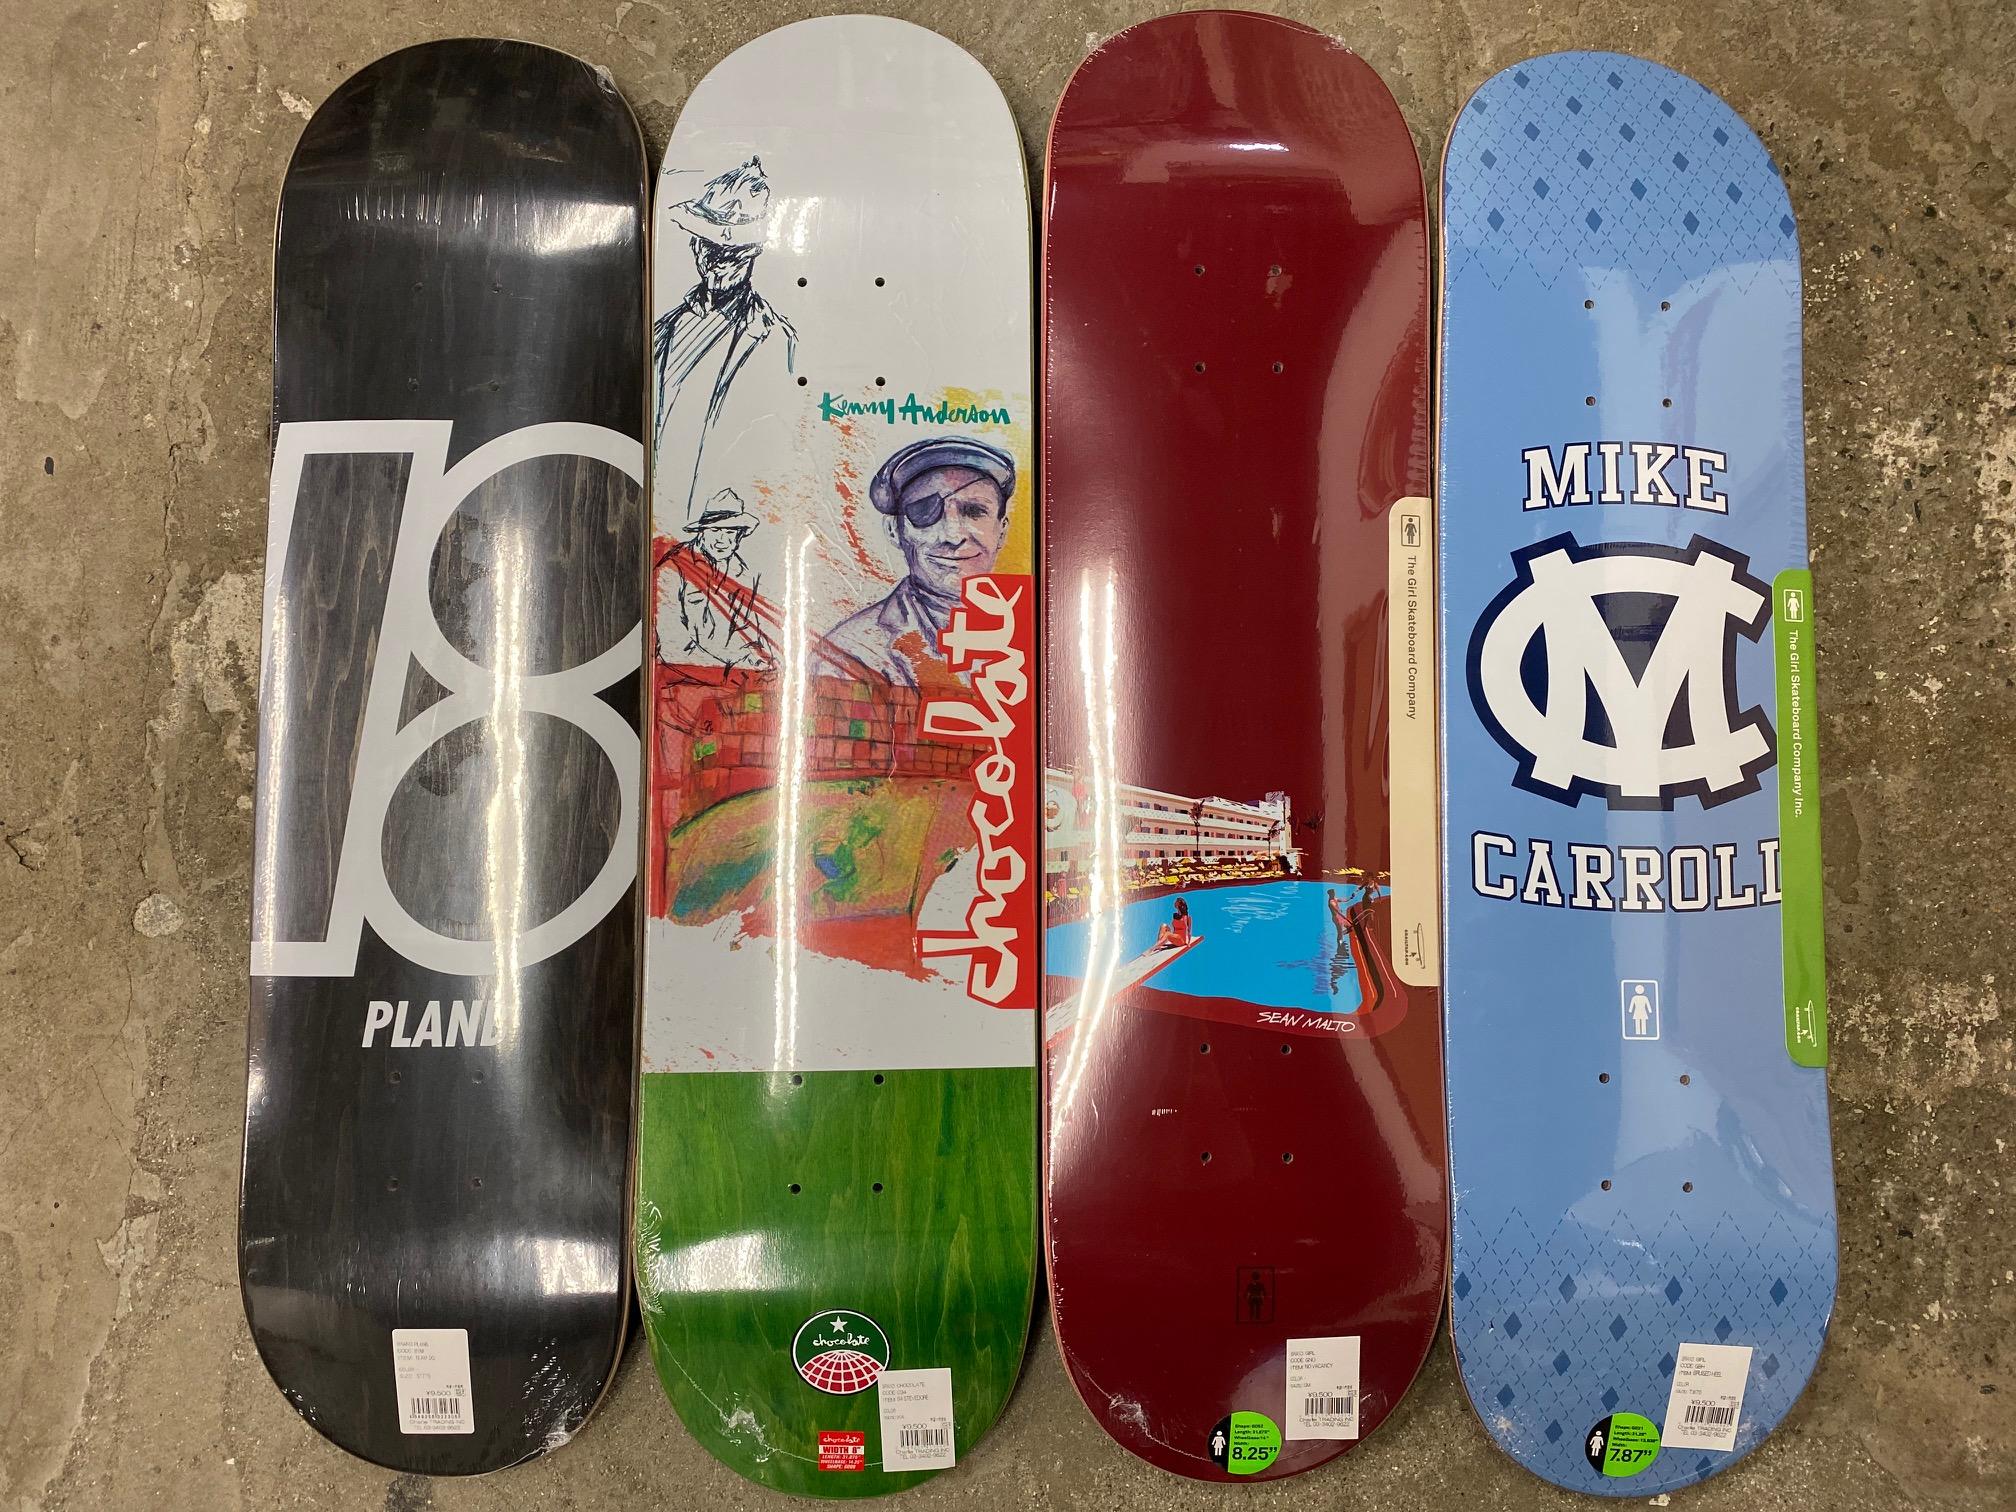 スケートアイテム PlanB、CHOCOLATE、GIRL、SPITFIRE入荷しました!!